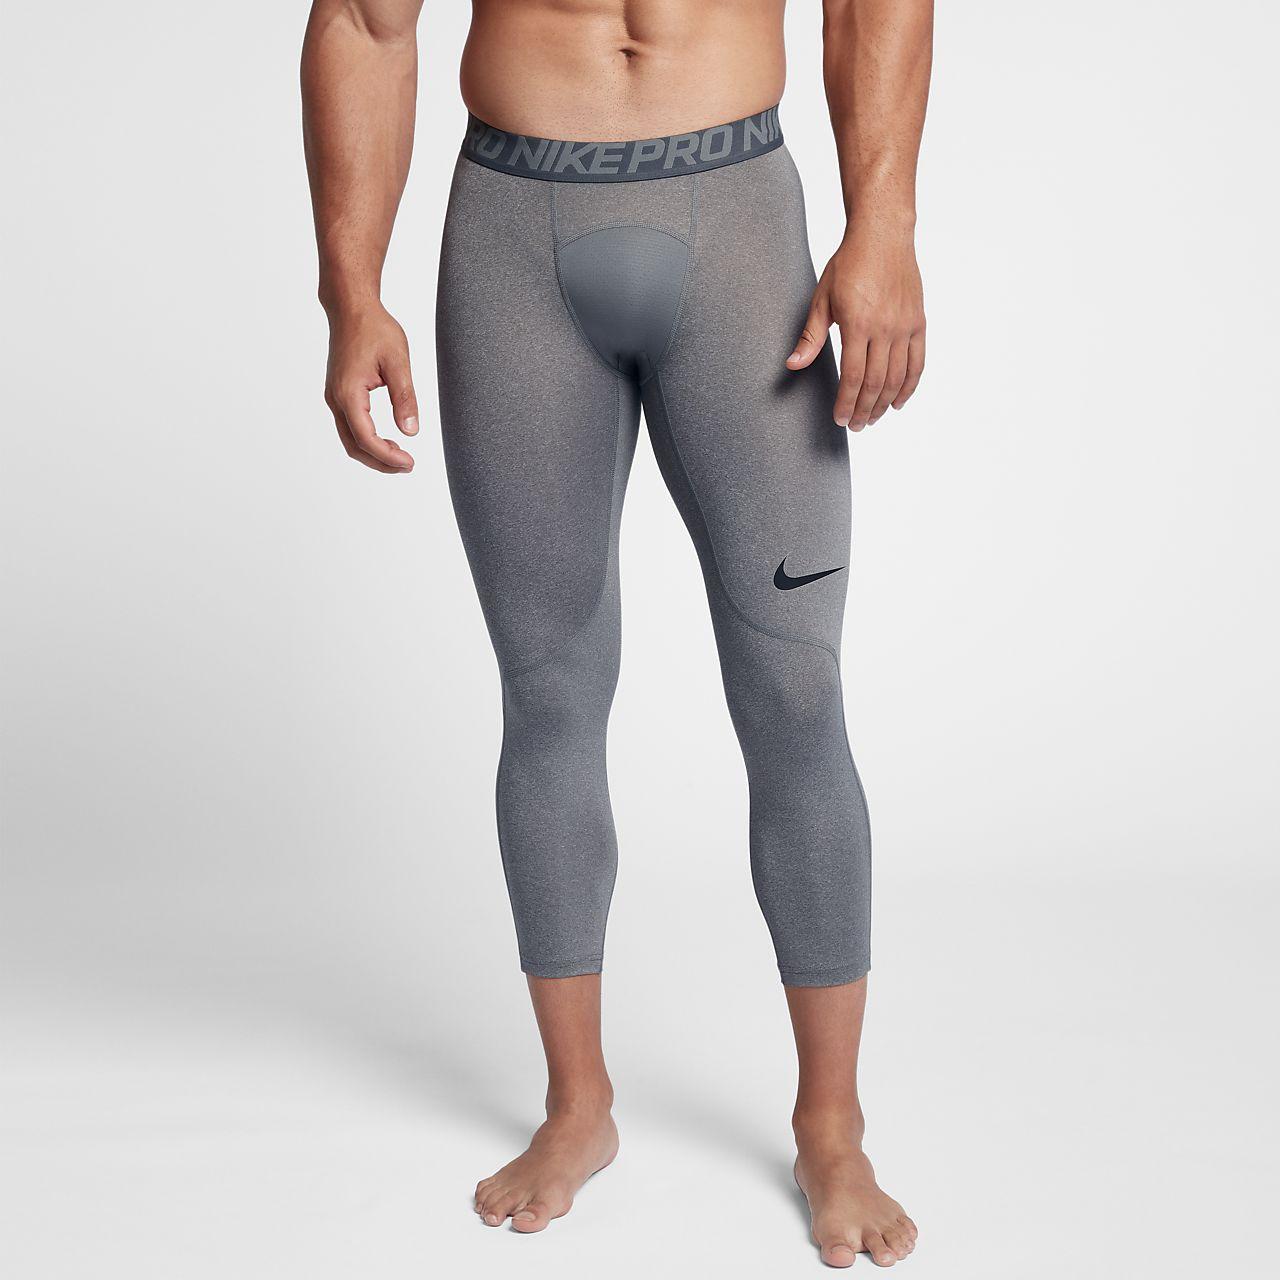 Nike Pro - 3/4 træningstights til mænd